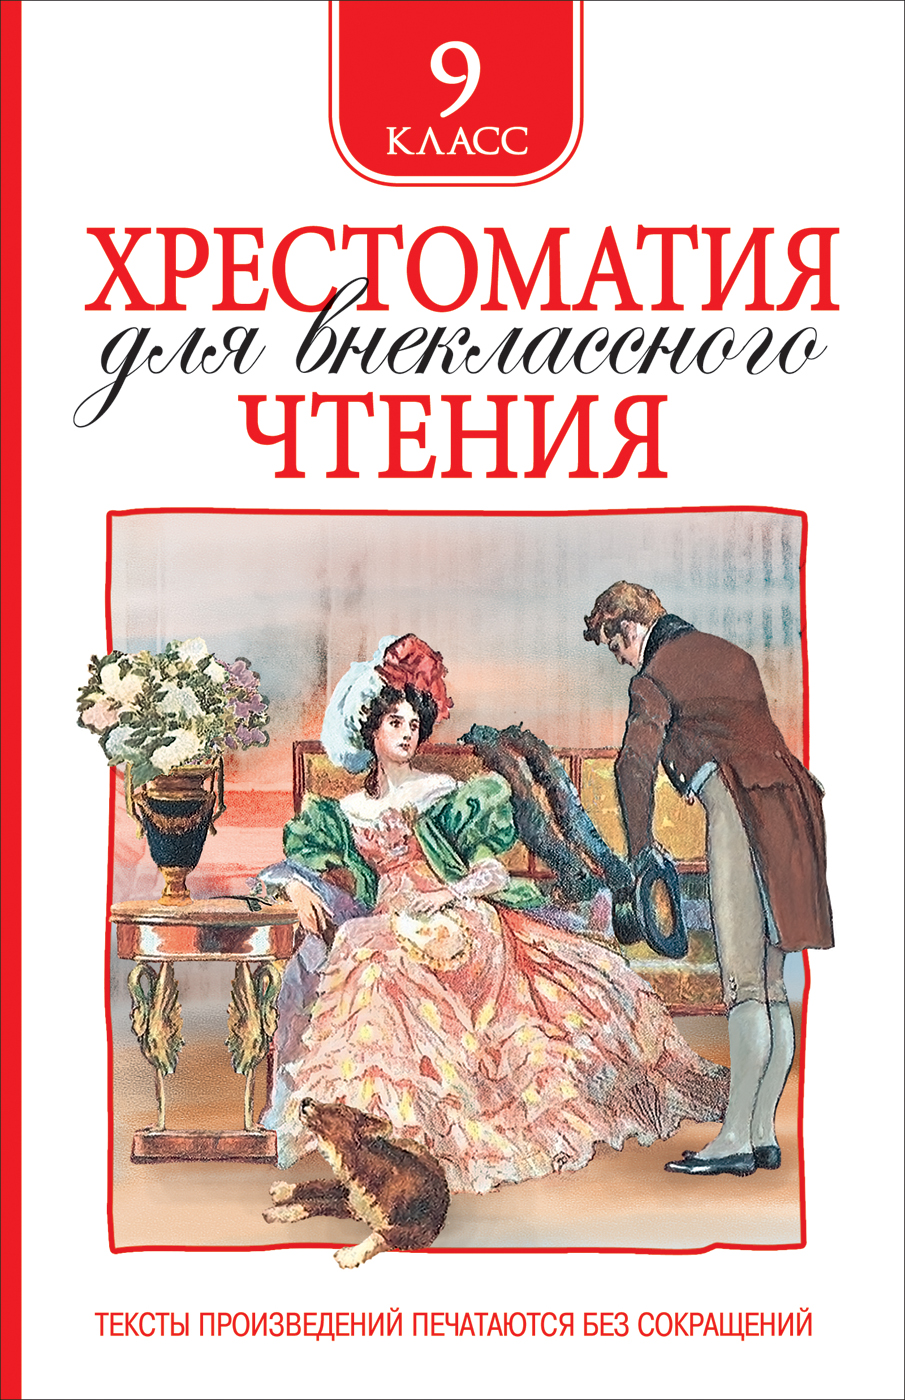 Лермонтов М. Ю., Гоголь Н. В. И и др. Хрестоматия для внеклассного чтения 9 класс